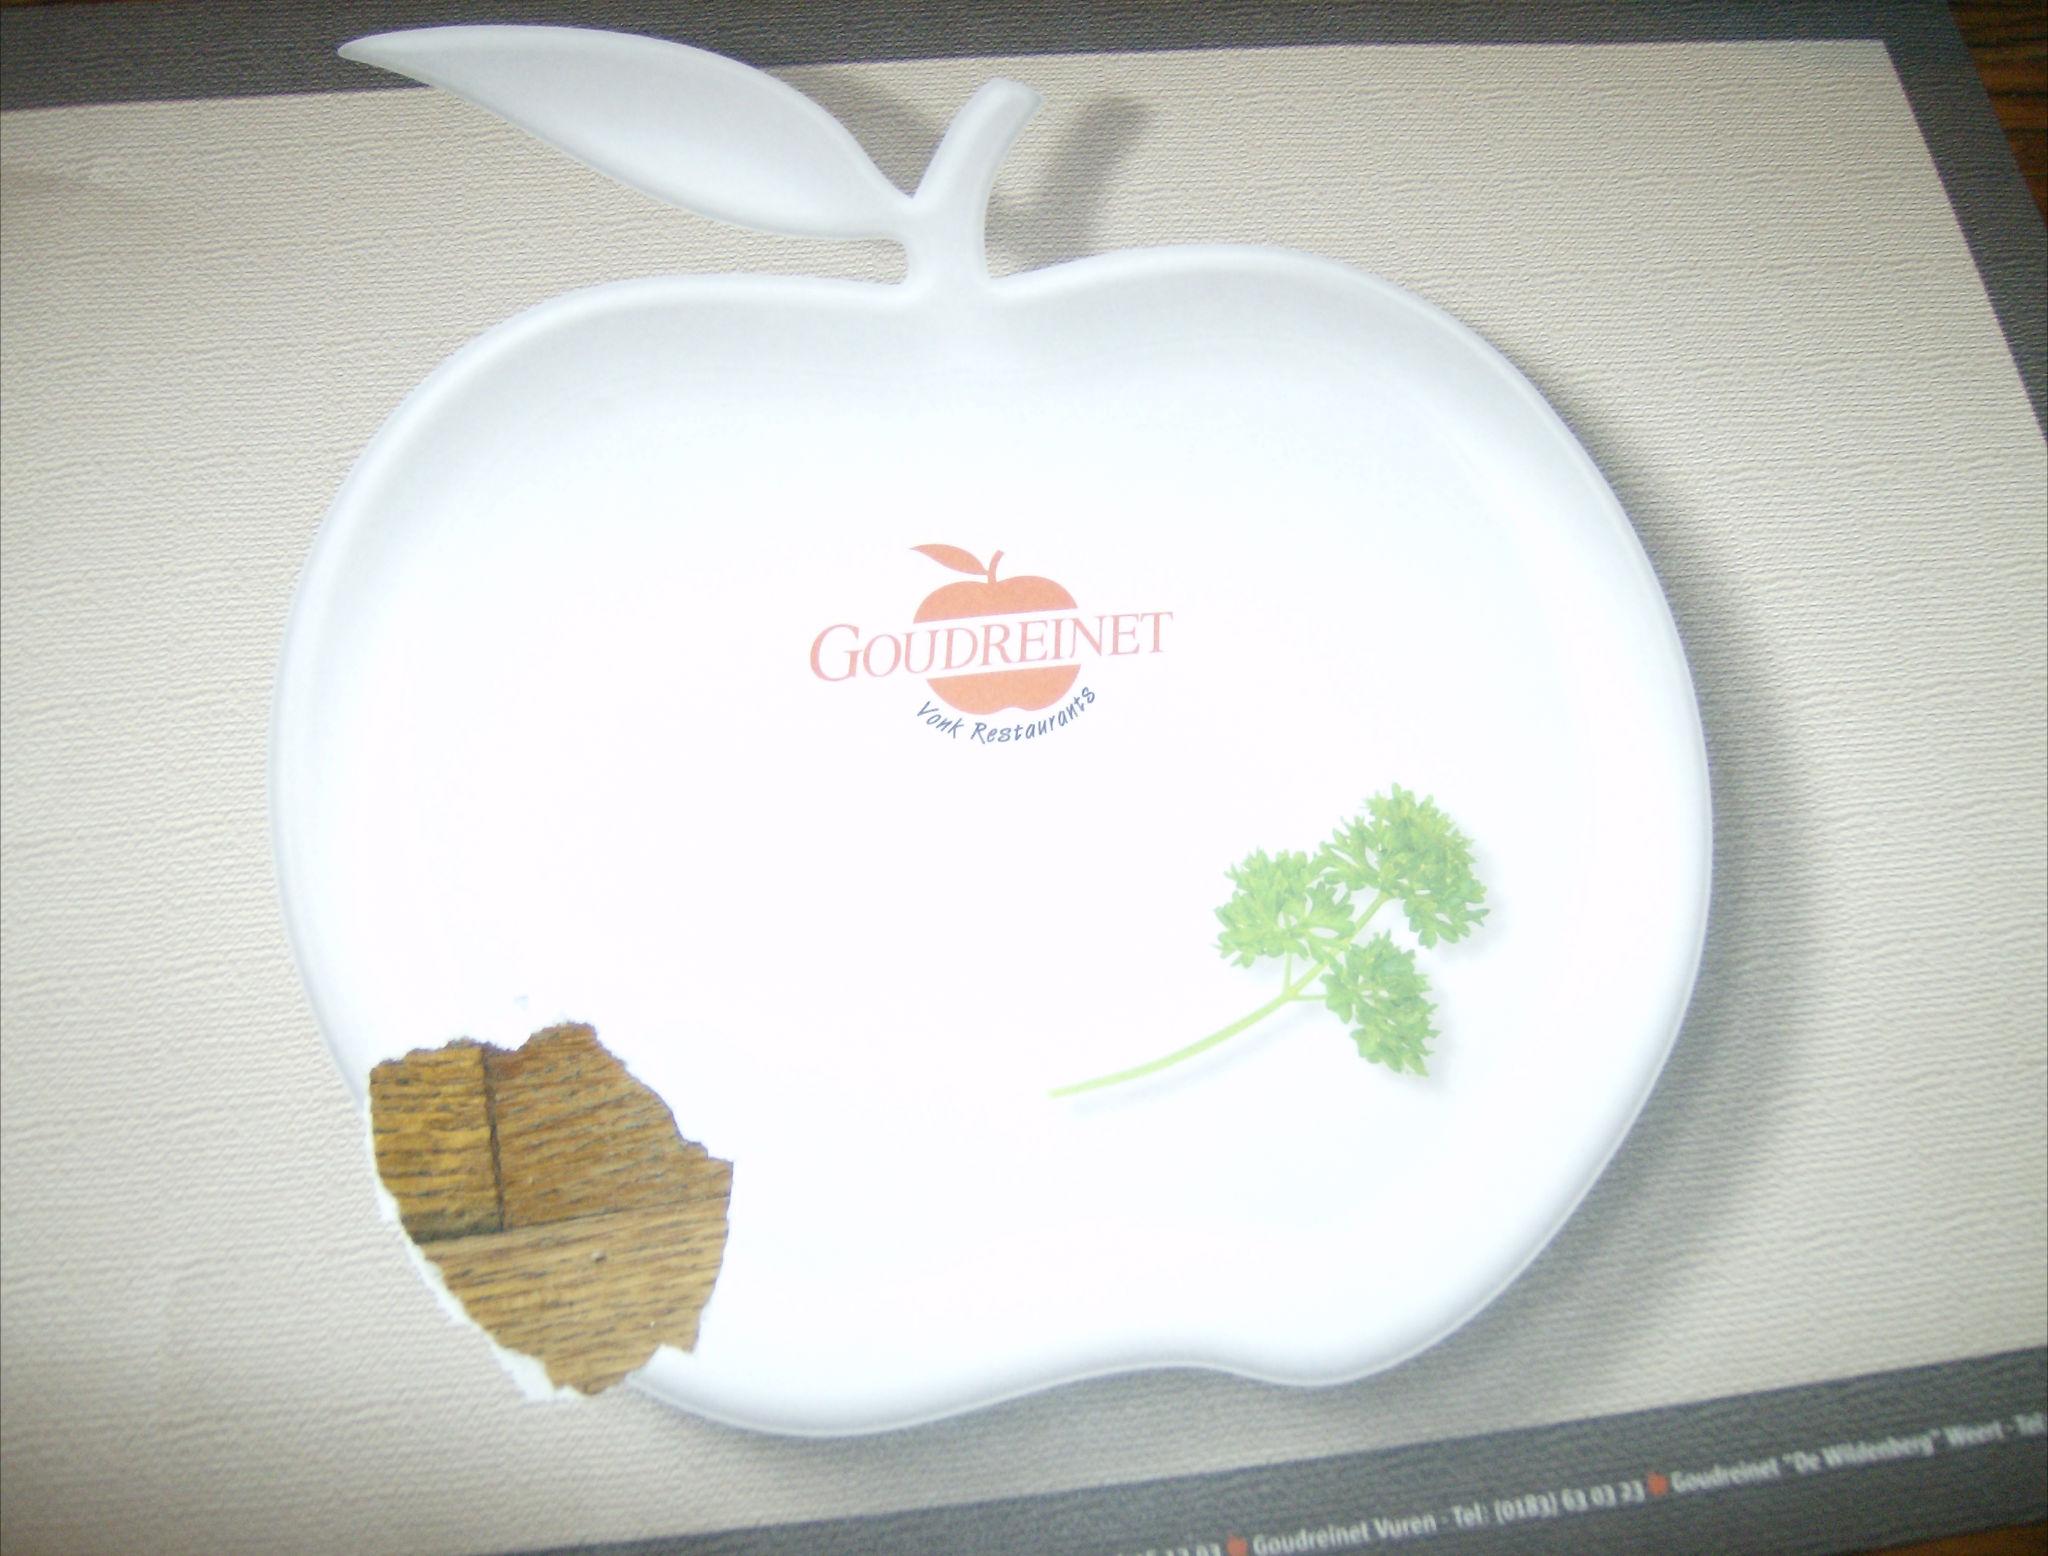 appeltje bij de Goudreinet